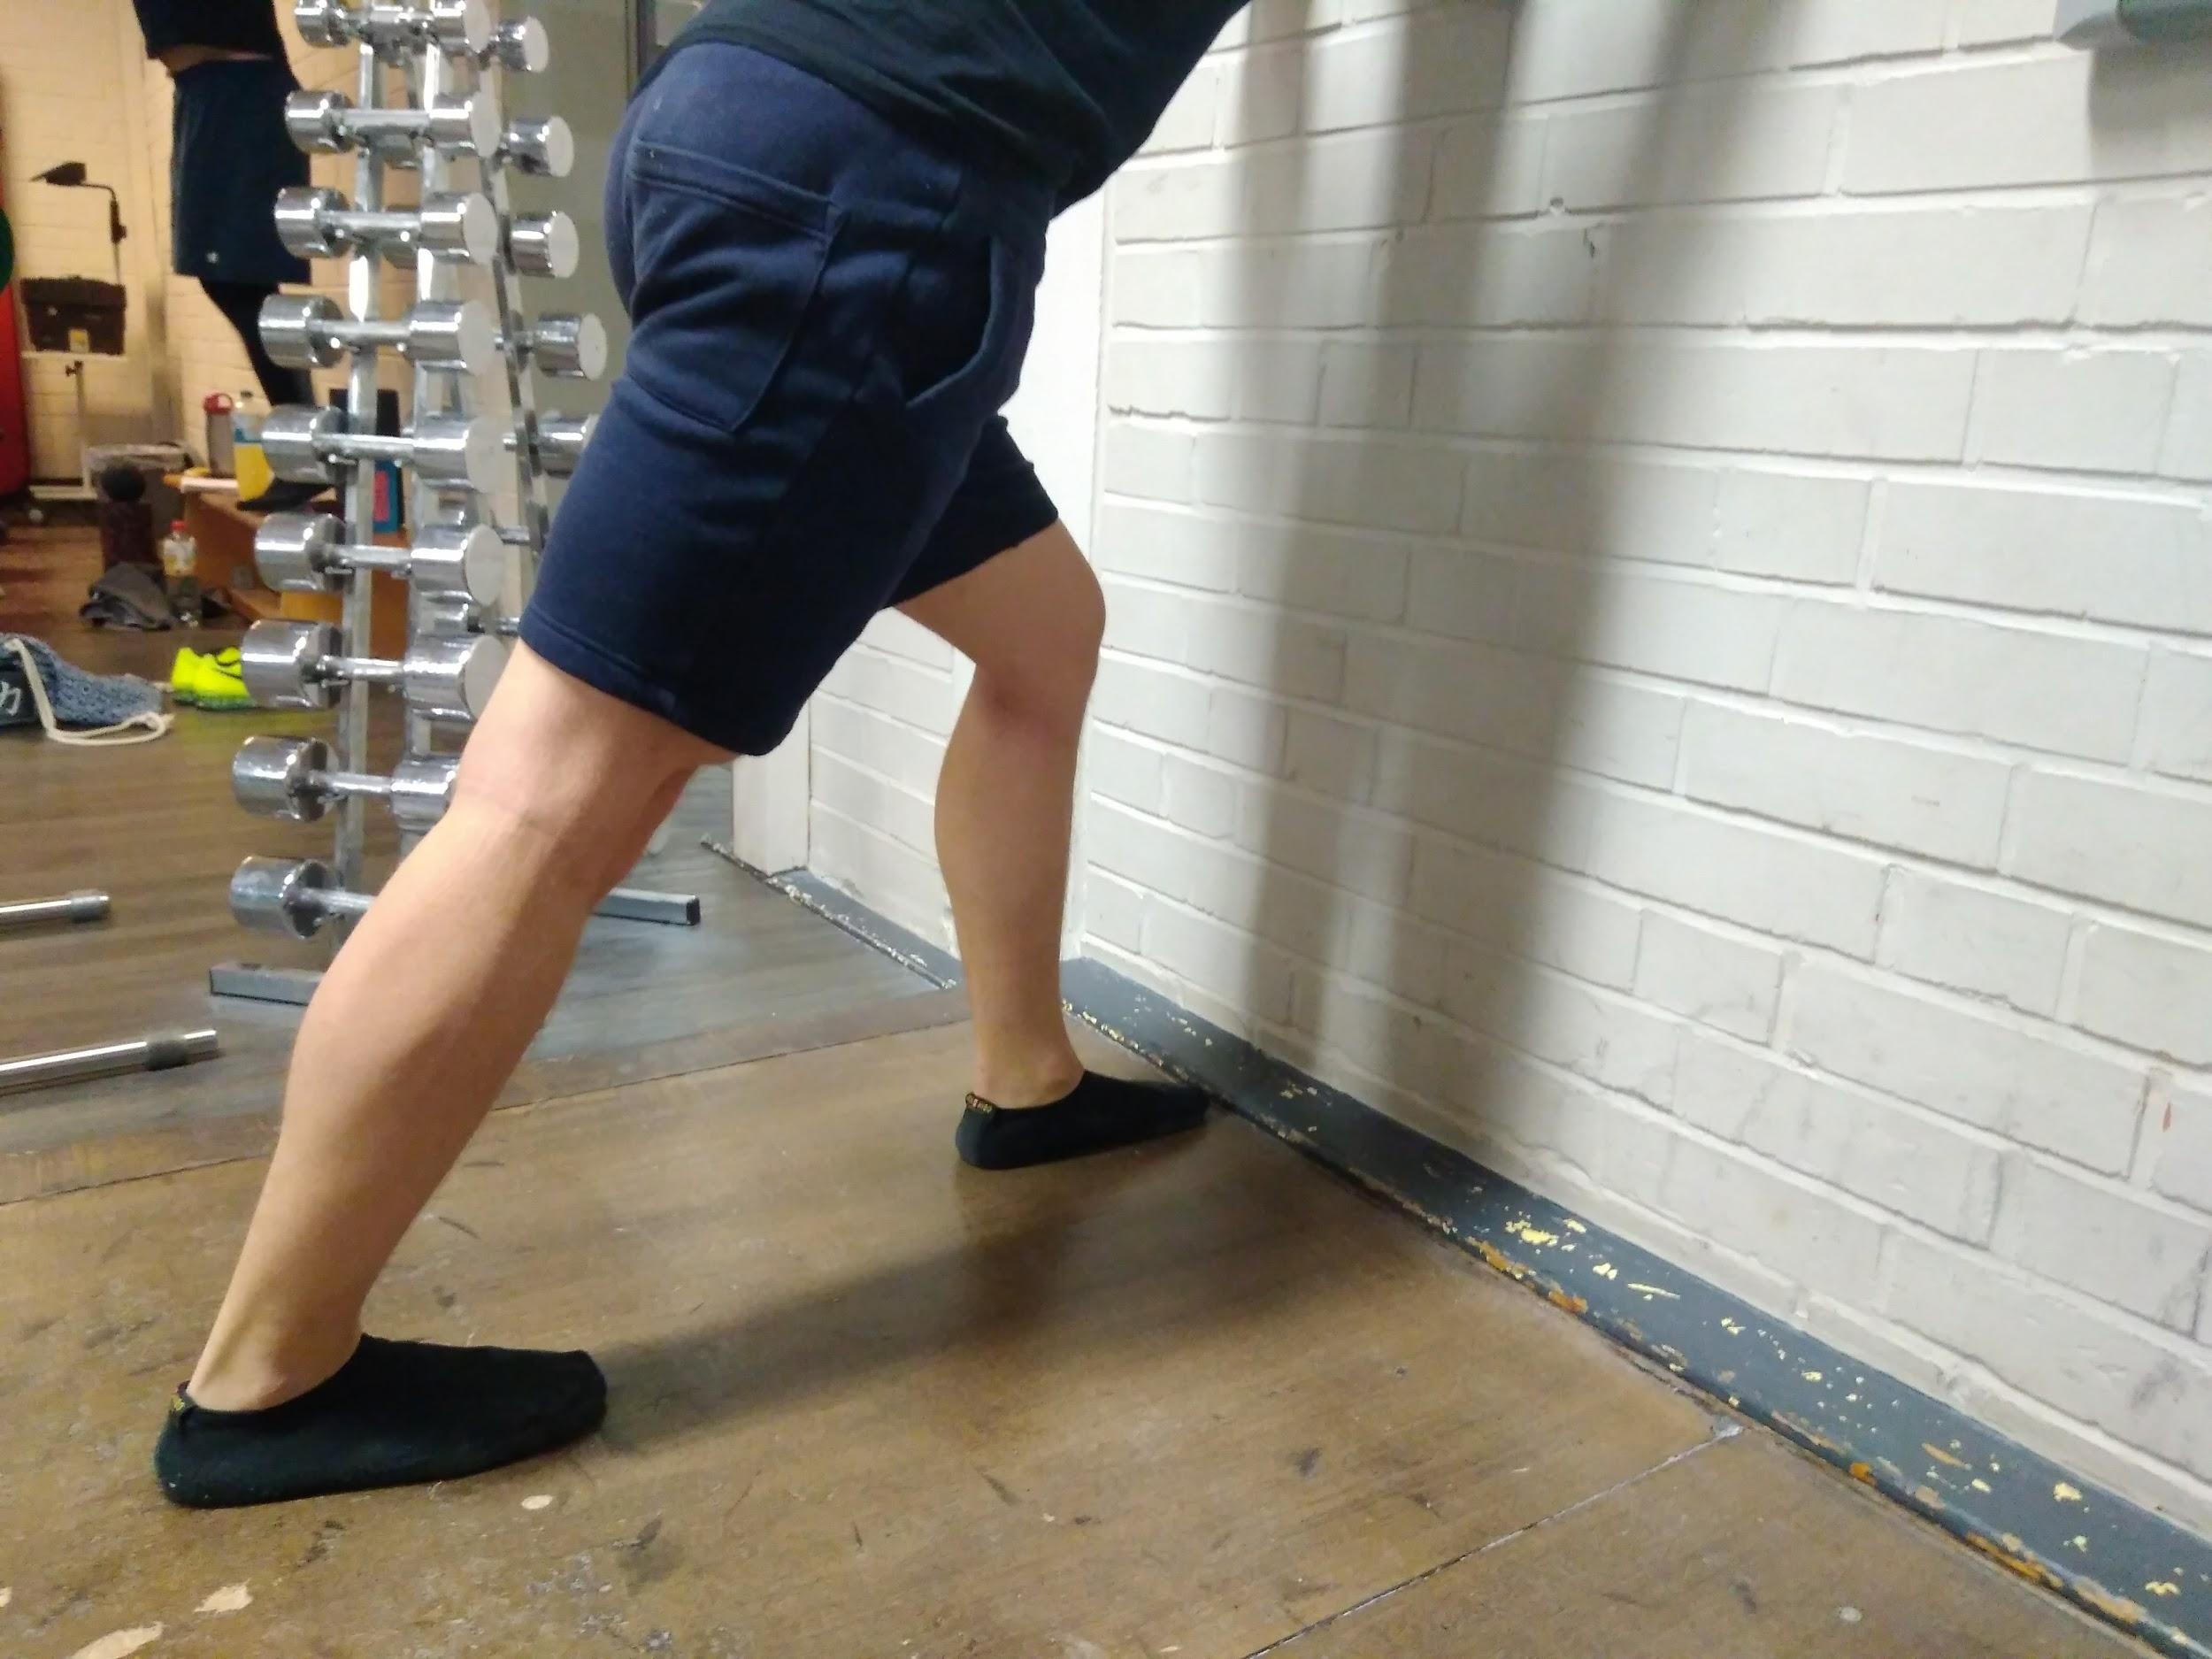 word image 52 - Butt-Wink beheben: So hälst du deinen Rücken gerade bei Kniebeugen